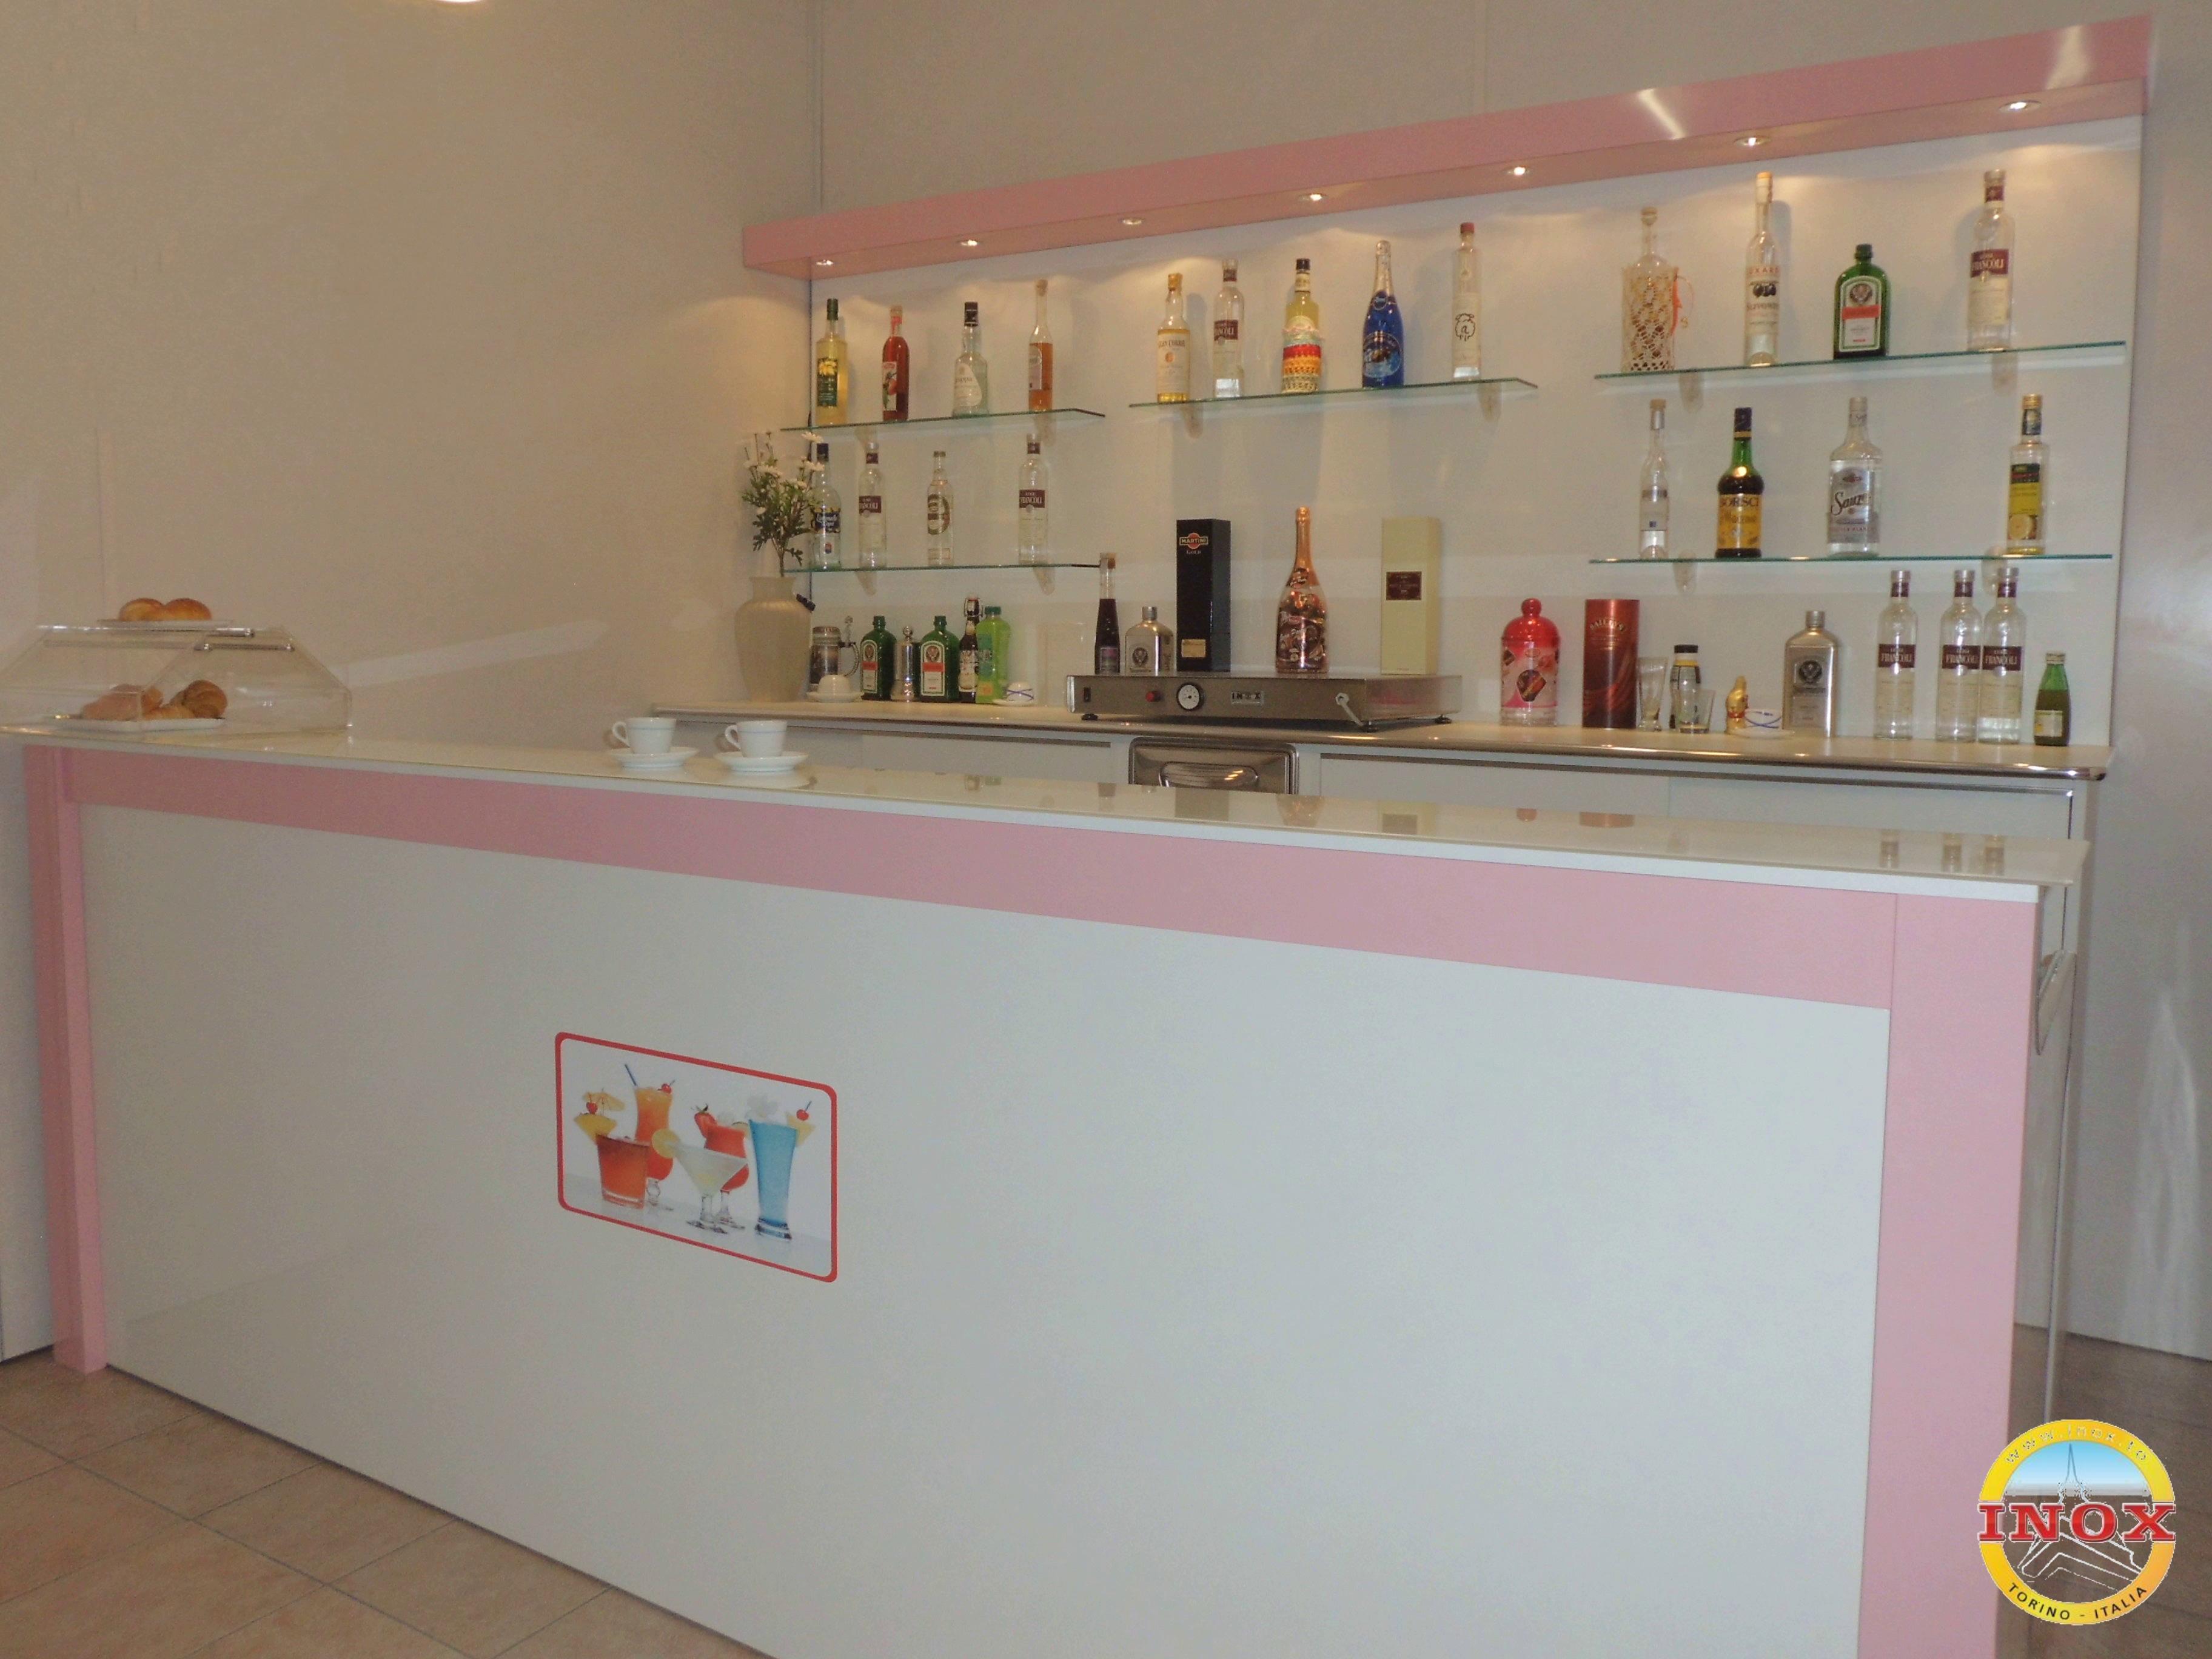 Arredamenti per bar negozi ristoranti banchi frigo for Arredo bar lecce